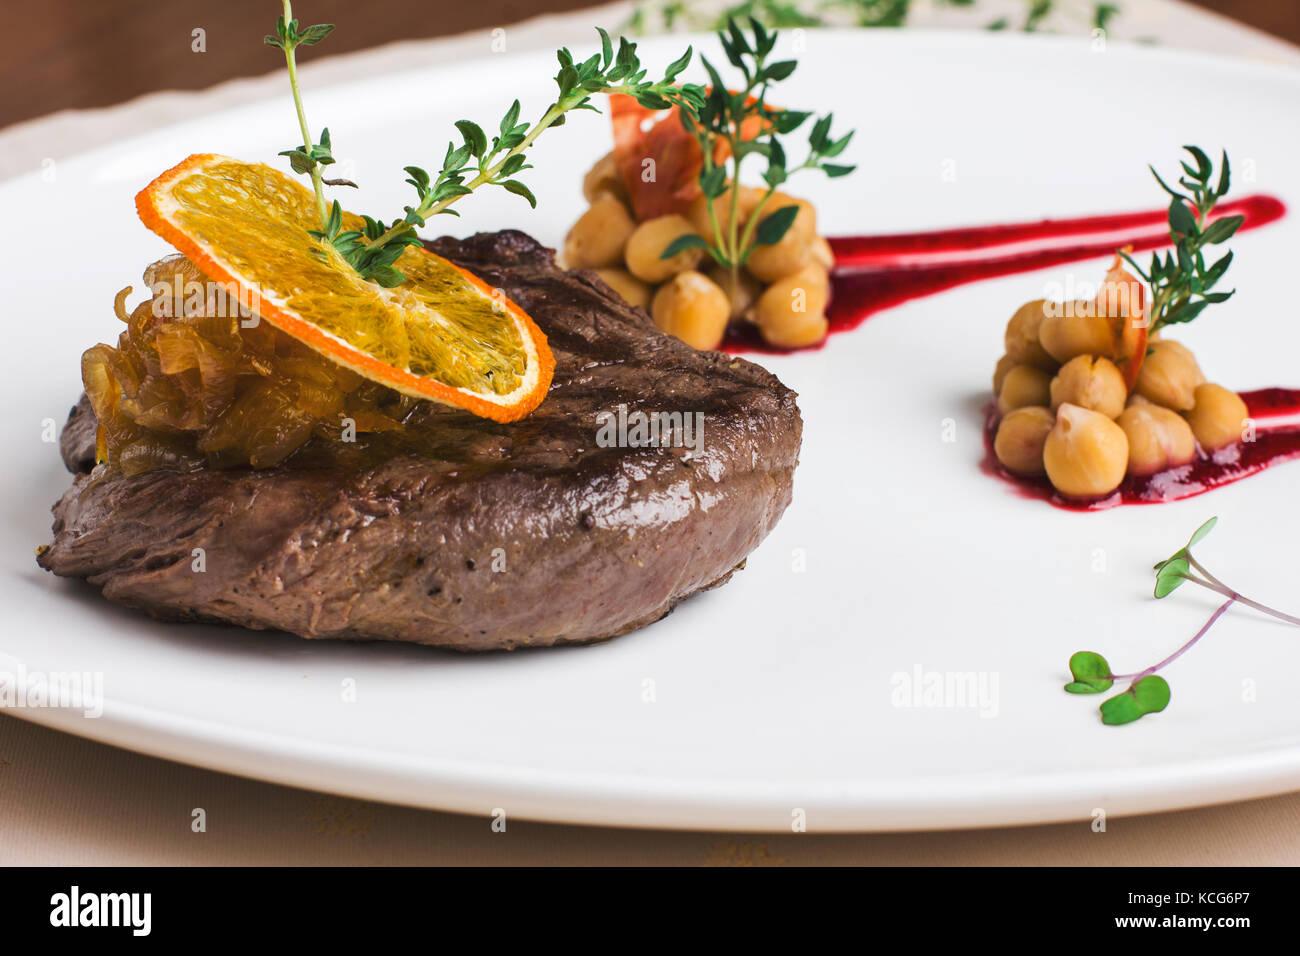 Jugoso filete de ternera con salsa de naranja con verduras y garbanzos Imagen De Stock